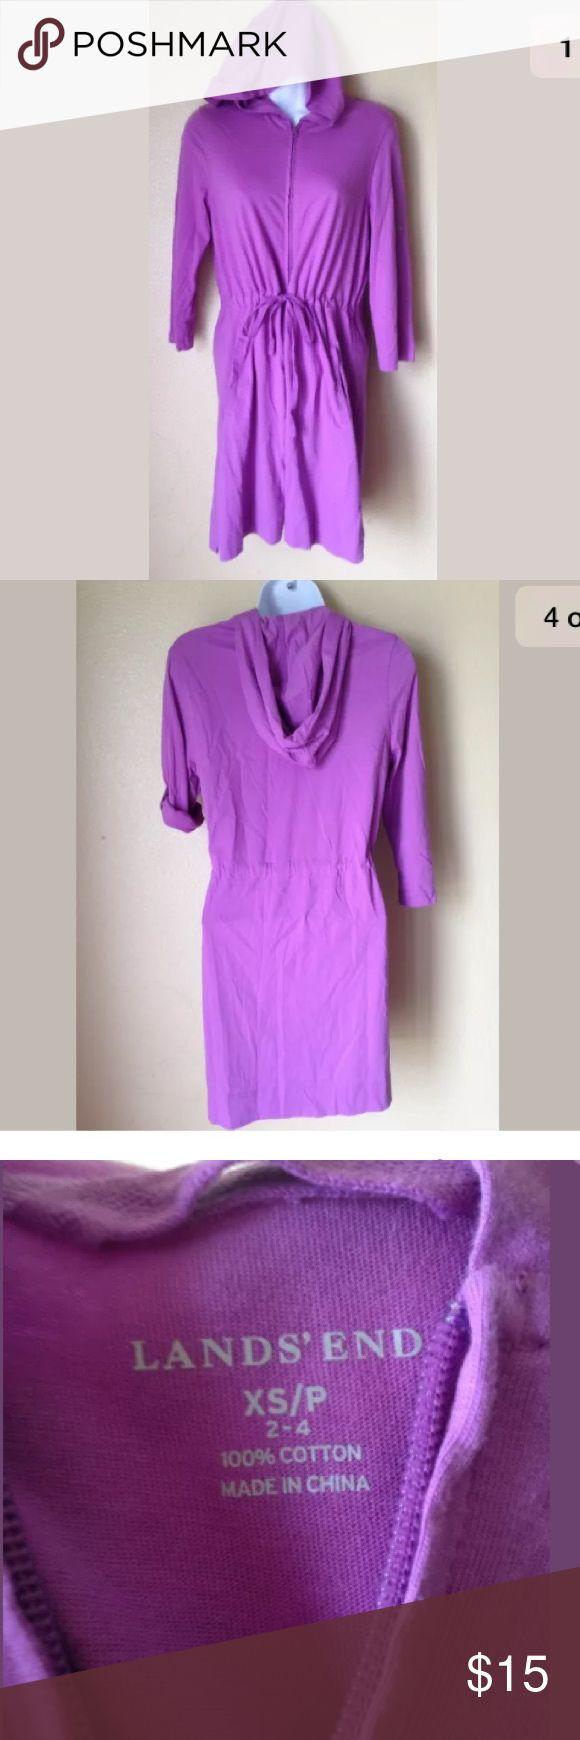 Lands' End Purple Hoodie Dress Zip Front XS Lands' End women's Purple Hoodie Dress Zip Front Cotton L/S Roll Up Sz XS Lands' End Dresses